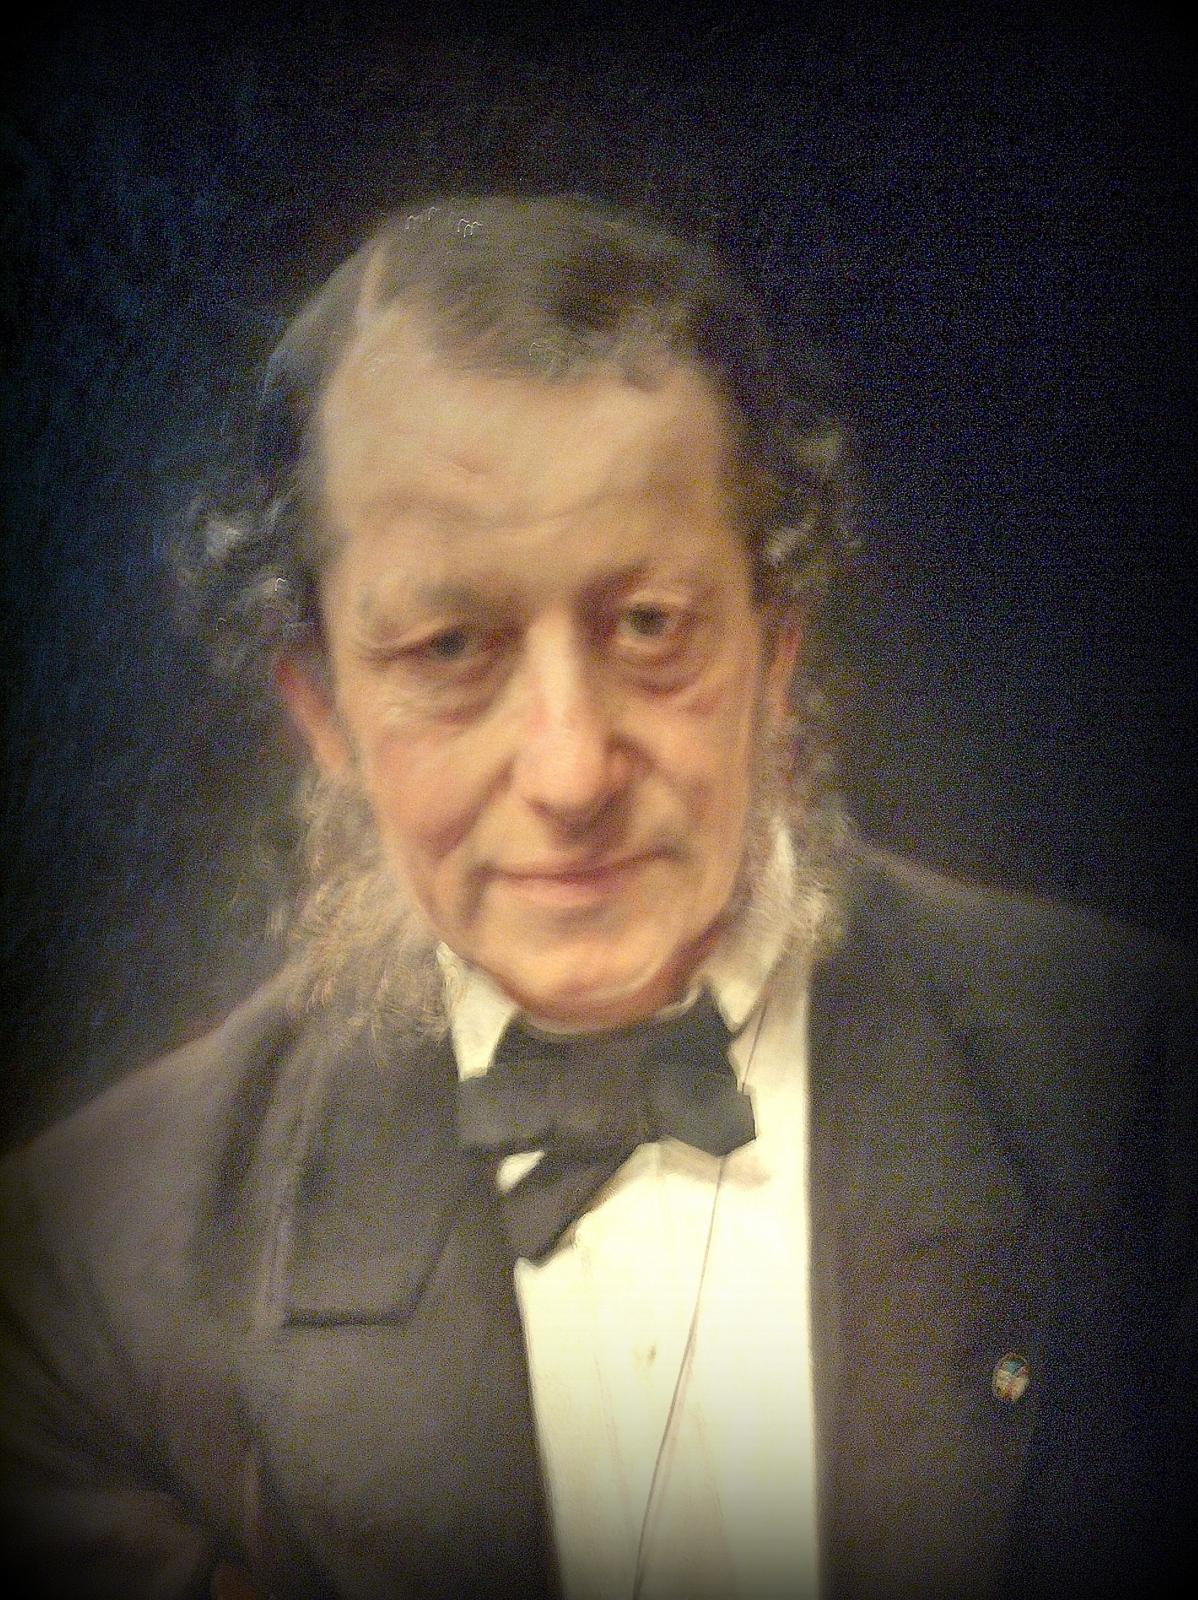 Udsnit af maleri af Moritz G. Melchior (1816-1884). Malet af Bertha Wegmann 1880 -1884.